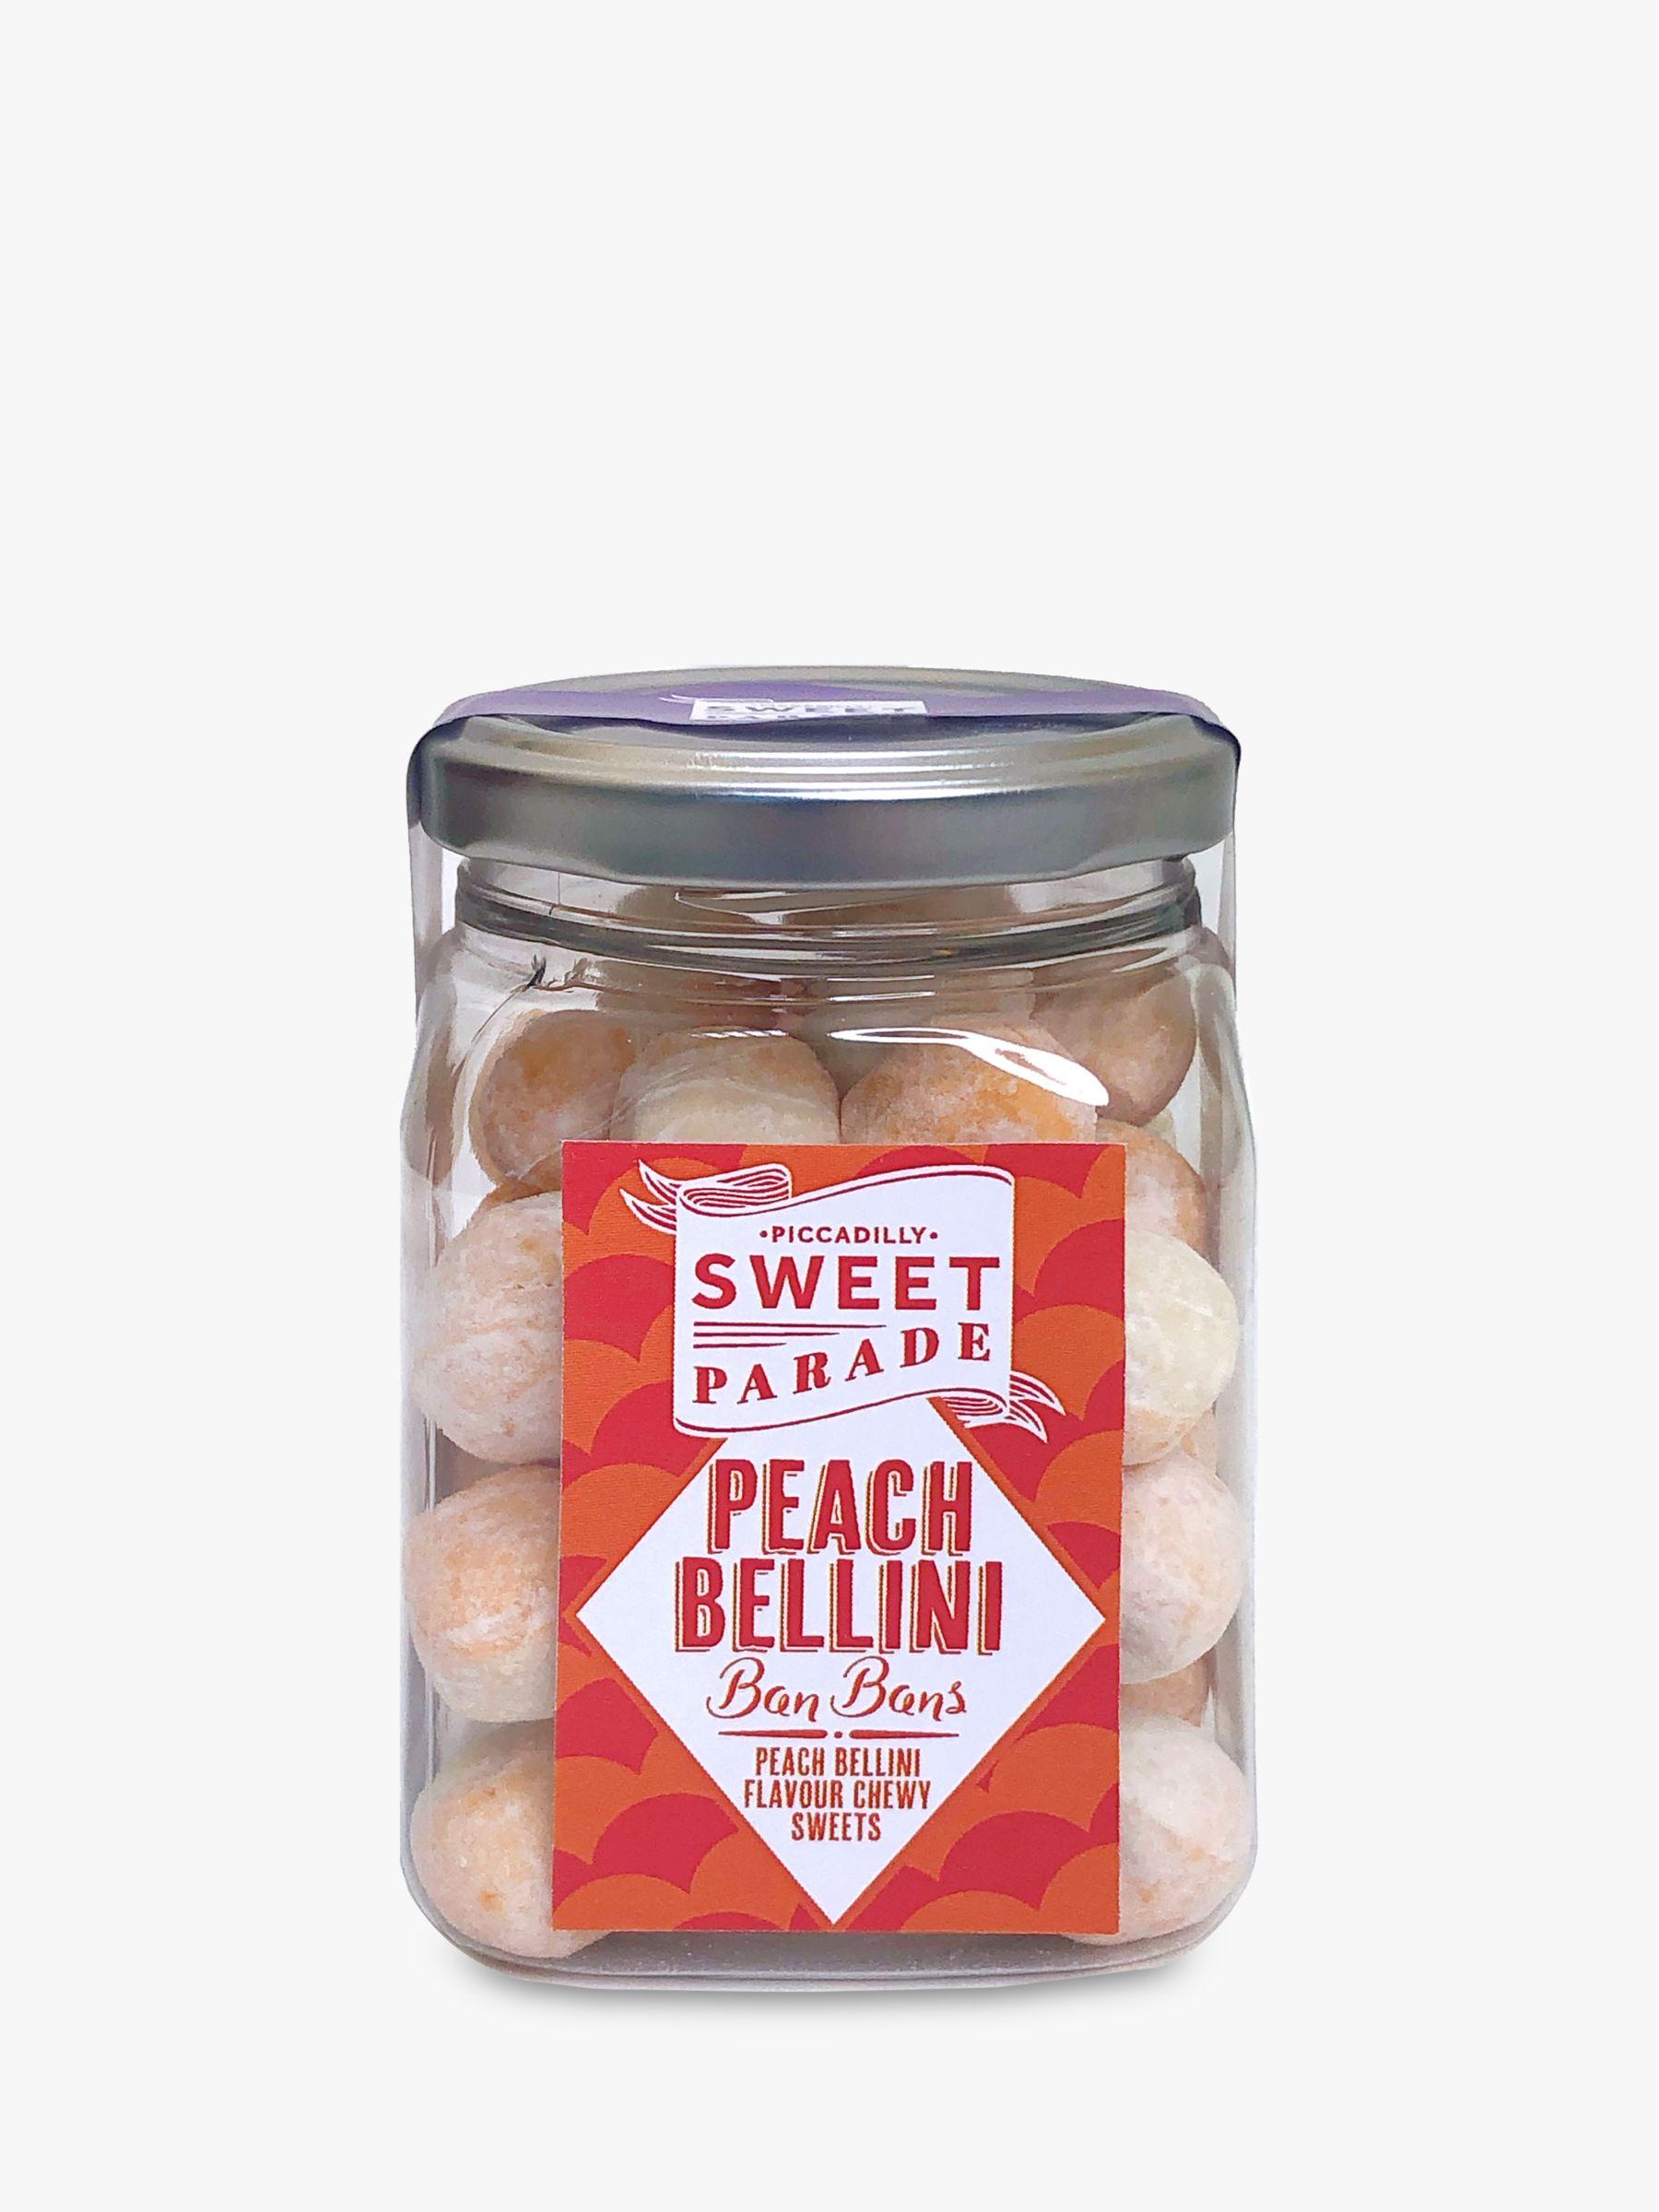 Piccadilly Sweet Parade Piccadilly Sweet Parade Peach Bellini Bon Bons, 200g